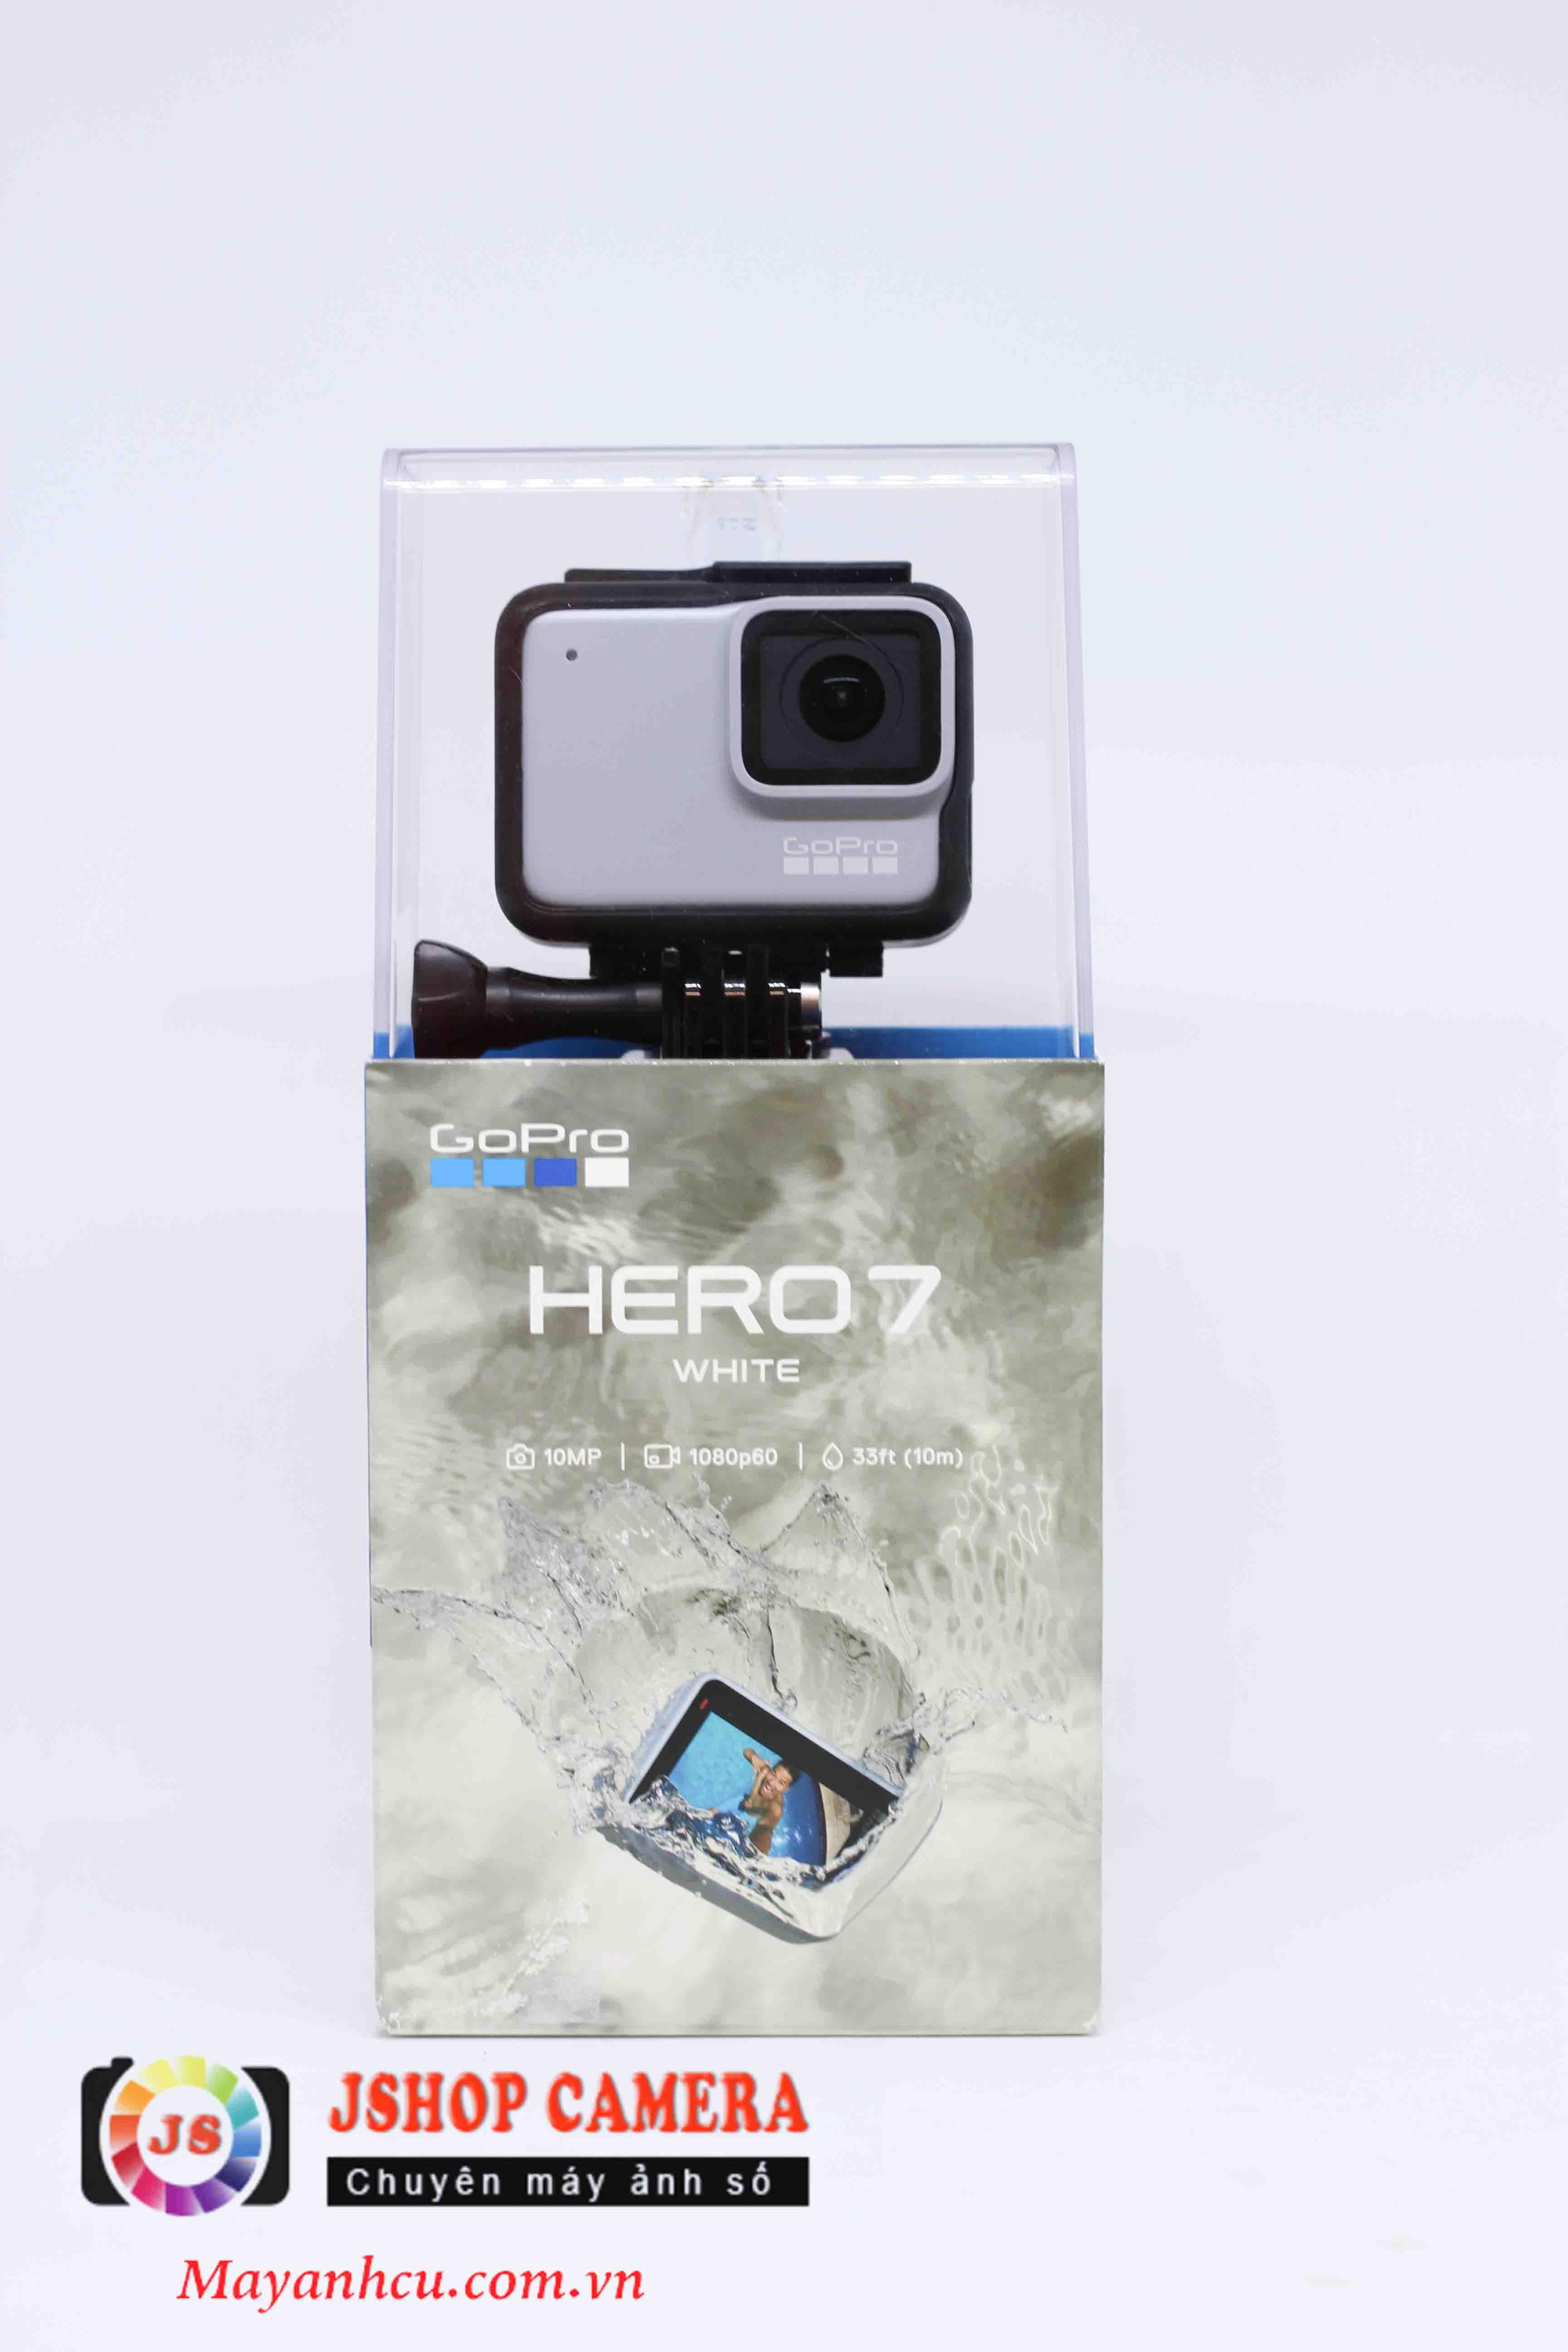 Camera hành trình Gopro Hero 7 White